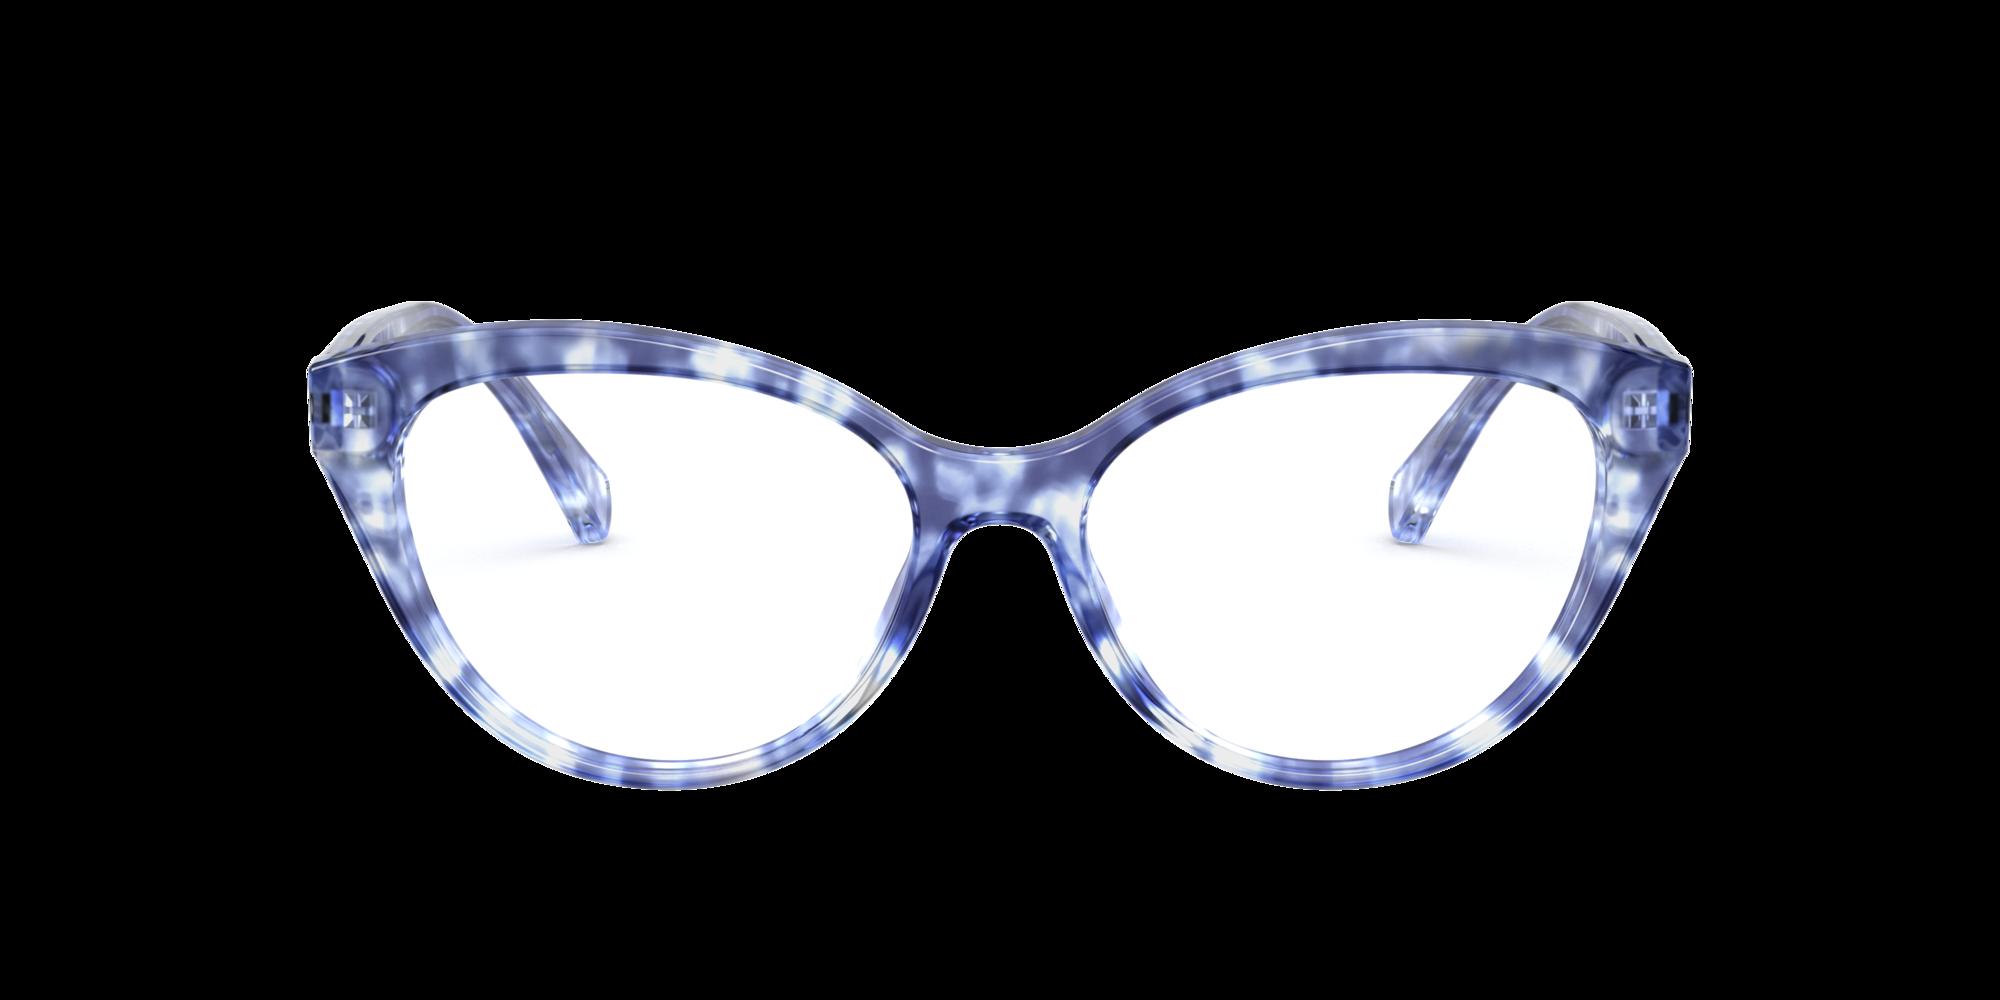 Imagen para RA7116 de LensCrafters |  Espejuelos, espejuelos graduados en línea, gafas